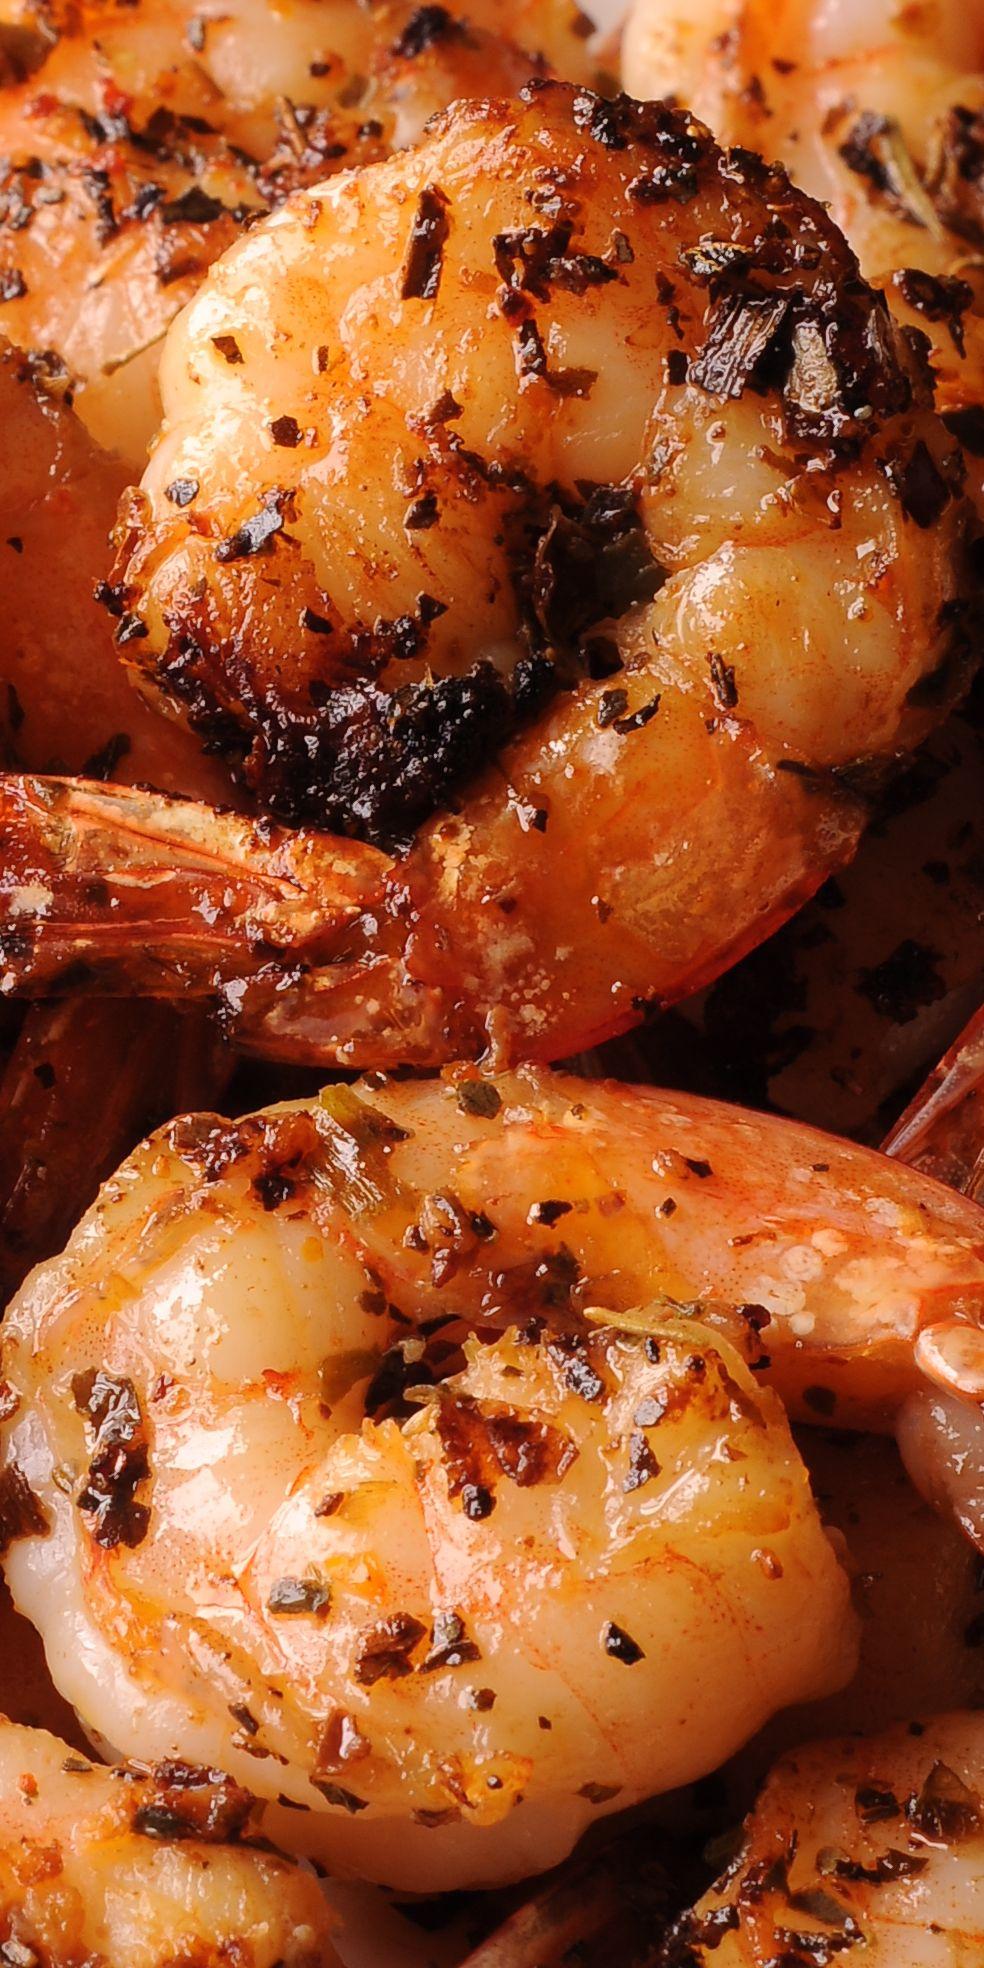 How To Cook Shrimp How To Cook Shrimp Easy Grilled Shrimp Recipes Shrimp Seasoning